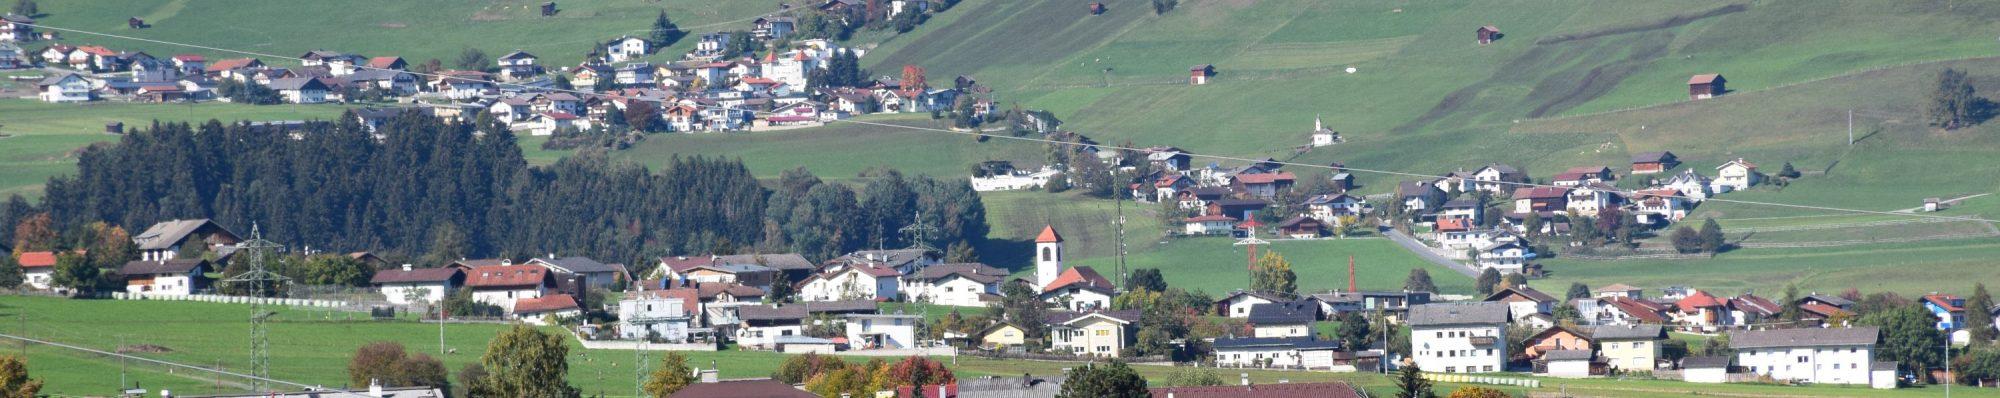 Seelsorgeraum Westliches Mittelgebirge